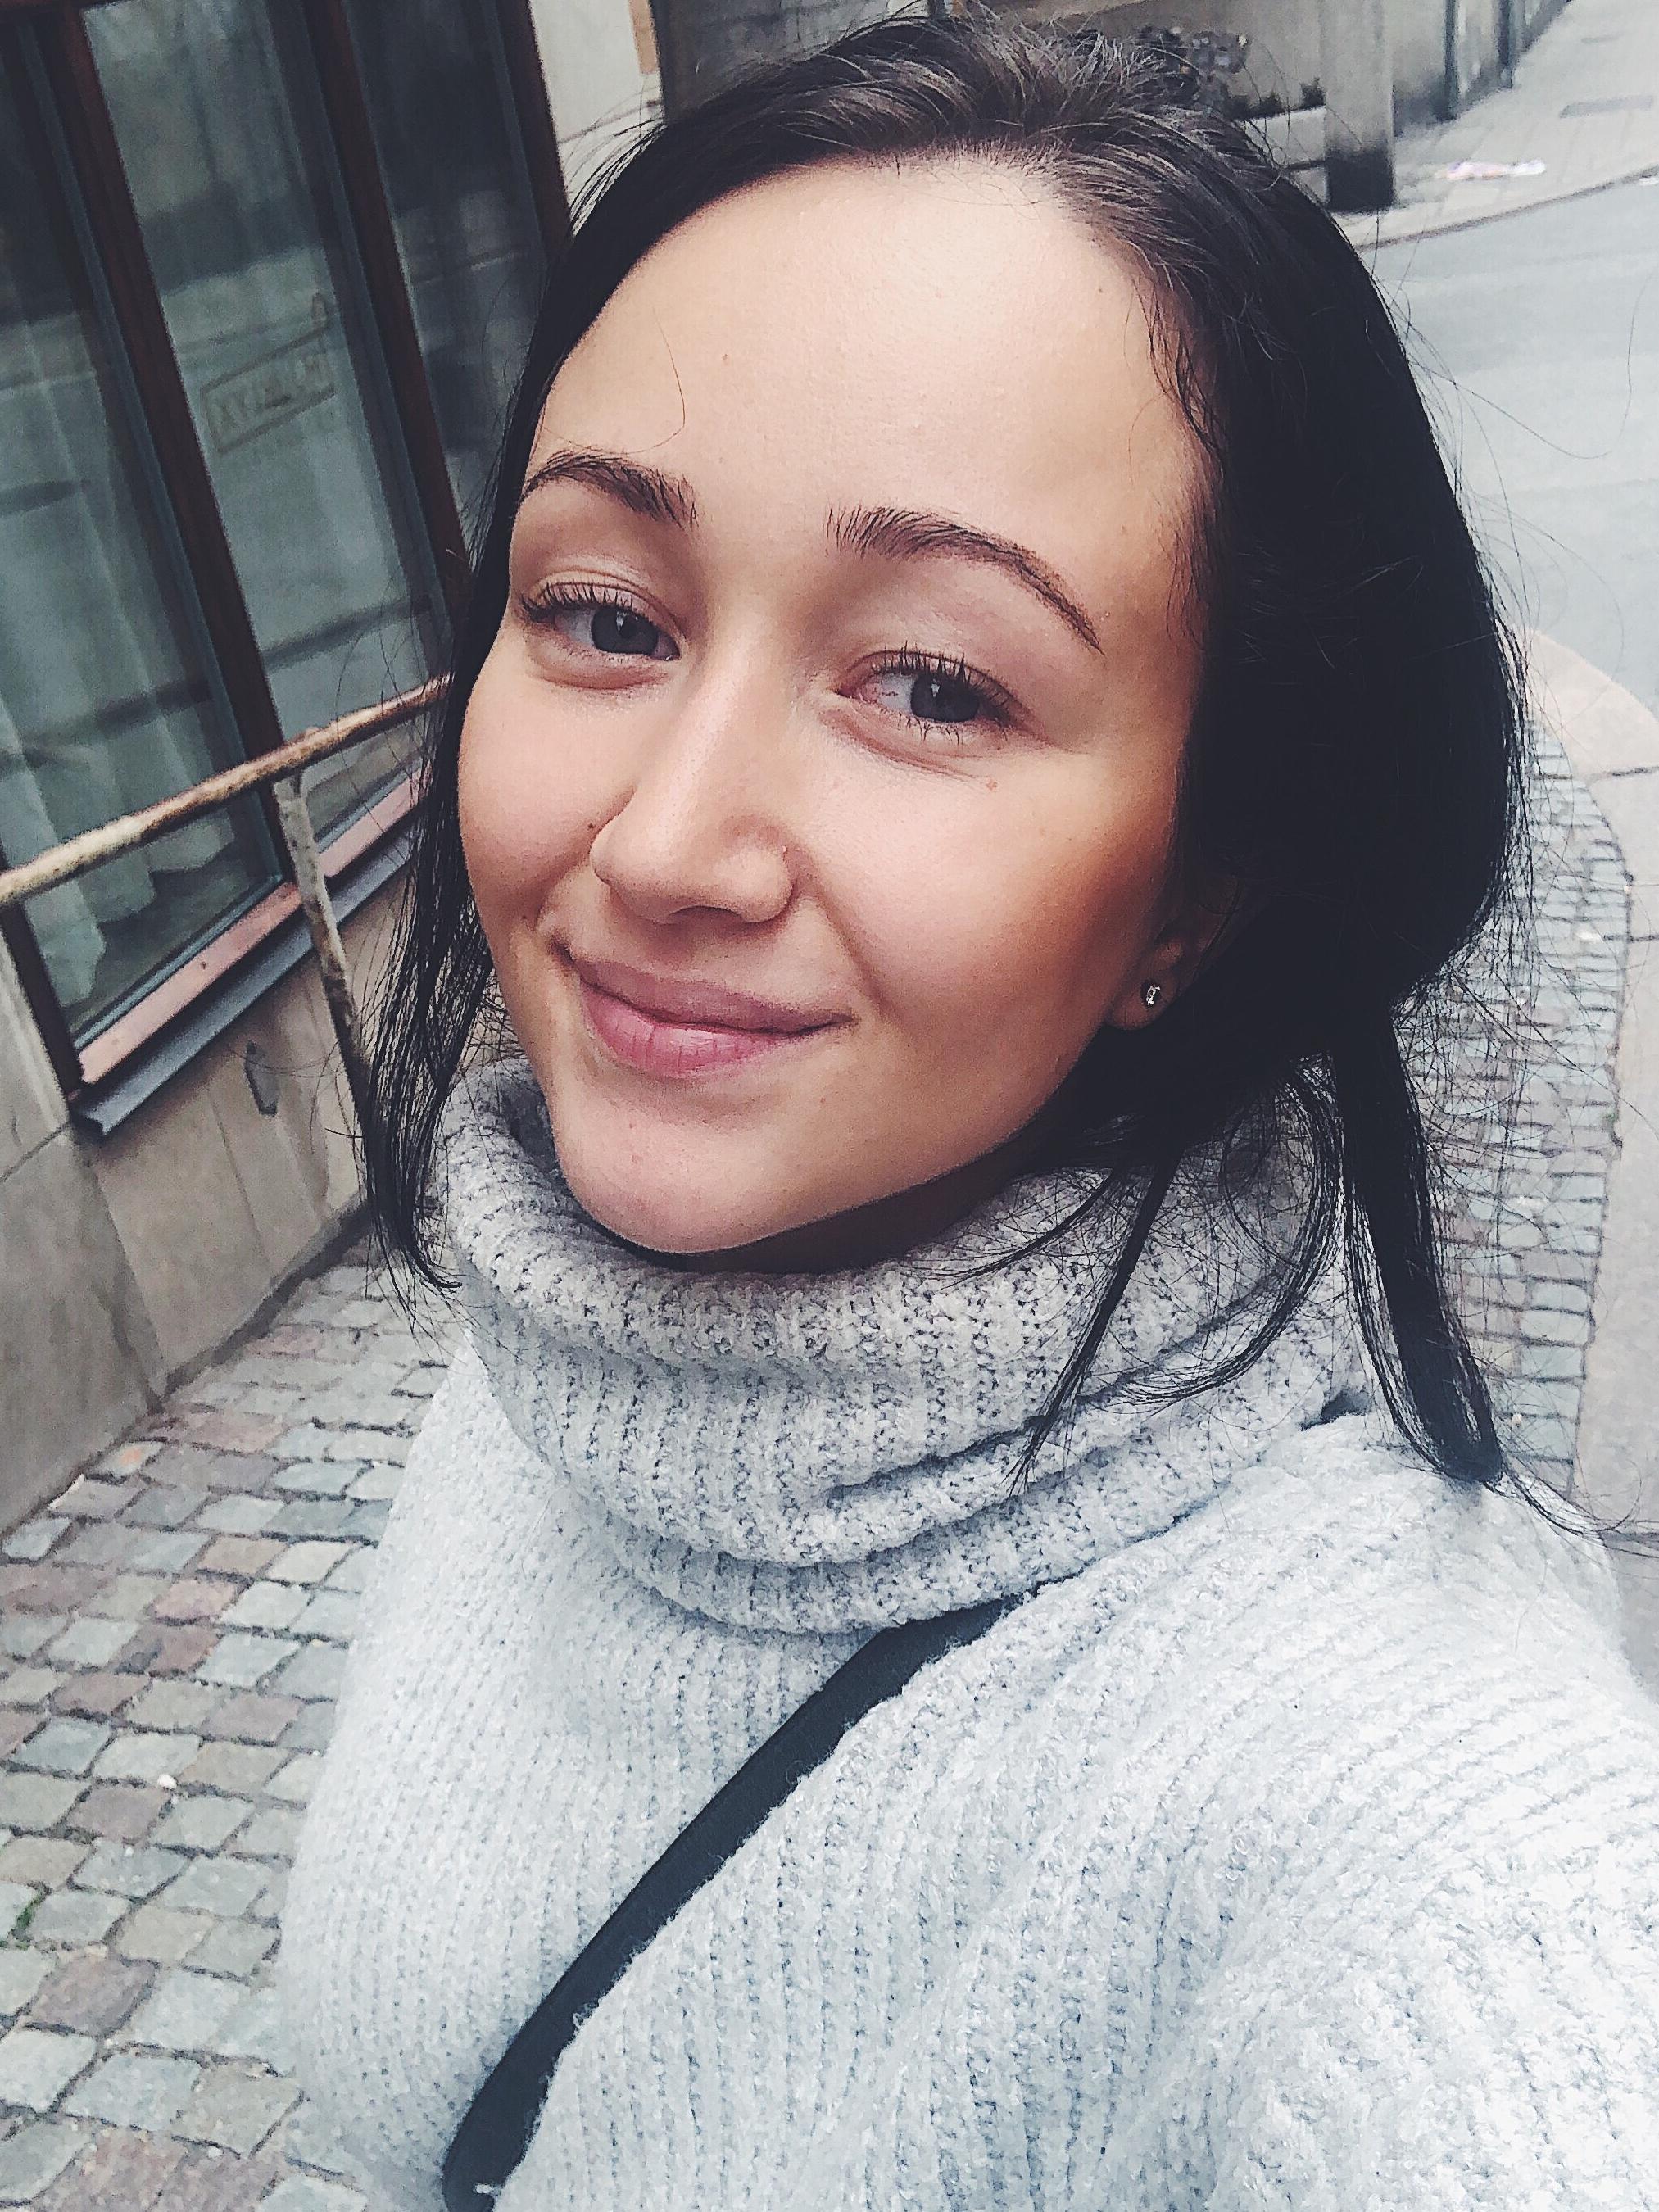 Natalie yonan